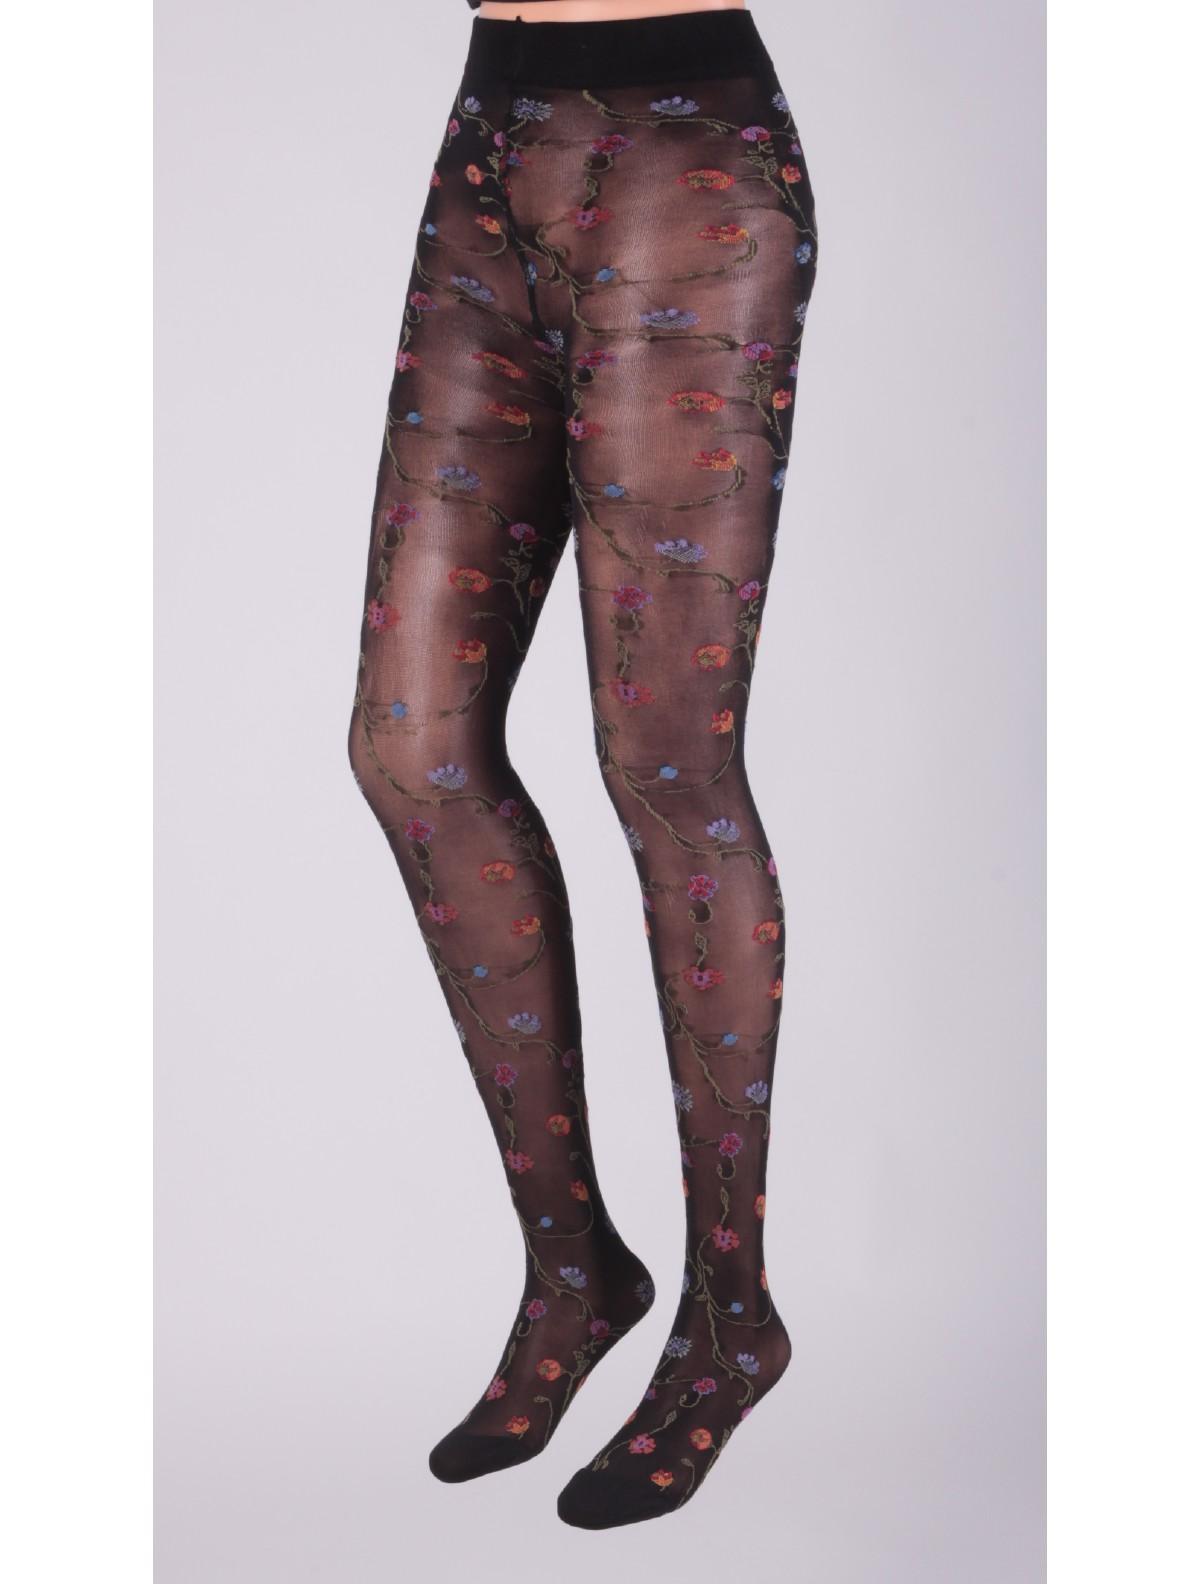 il più grande sconto Buoni prezzi la vendita di scarpe Dolci Calze Caroline Florale Strumpfhose - amboise, avorio ...